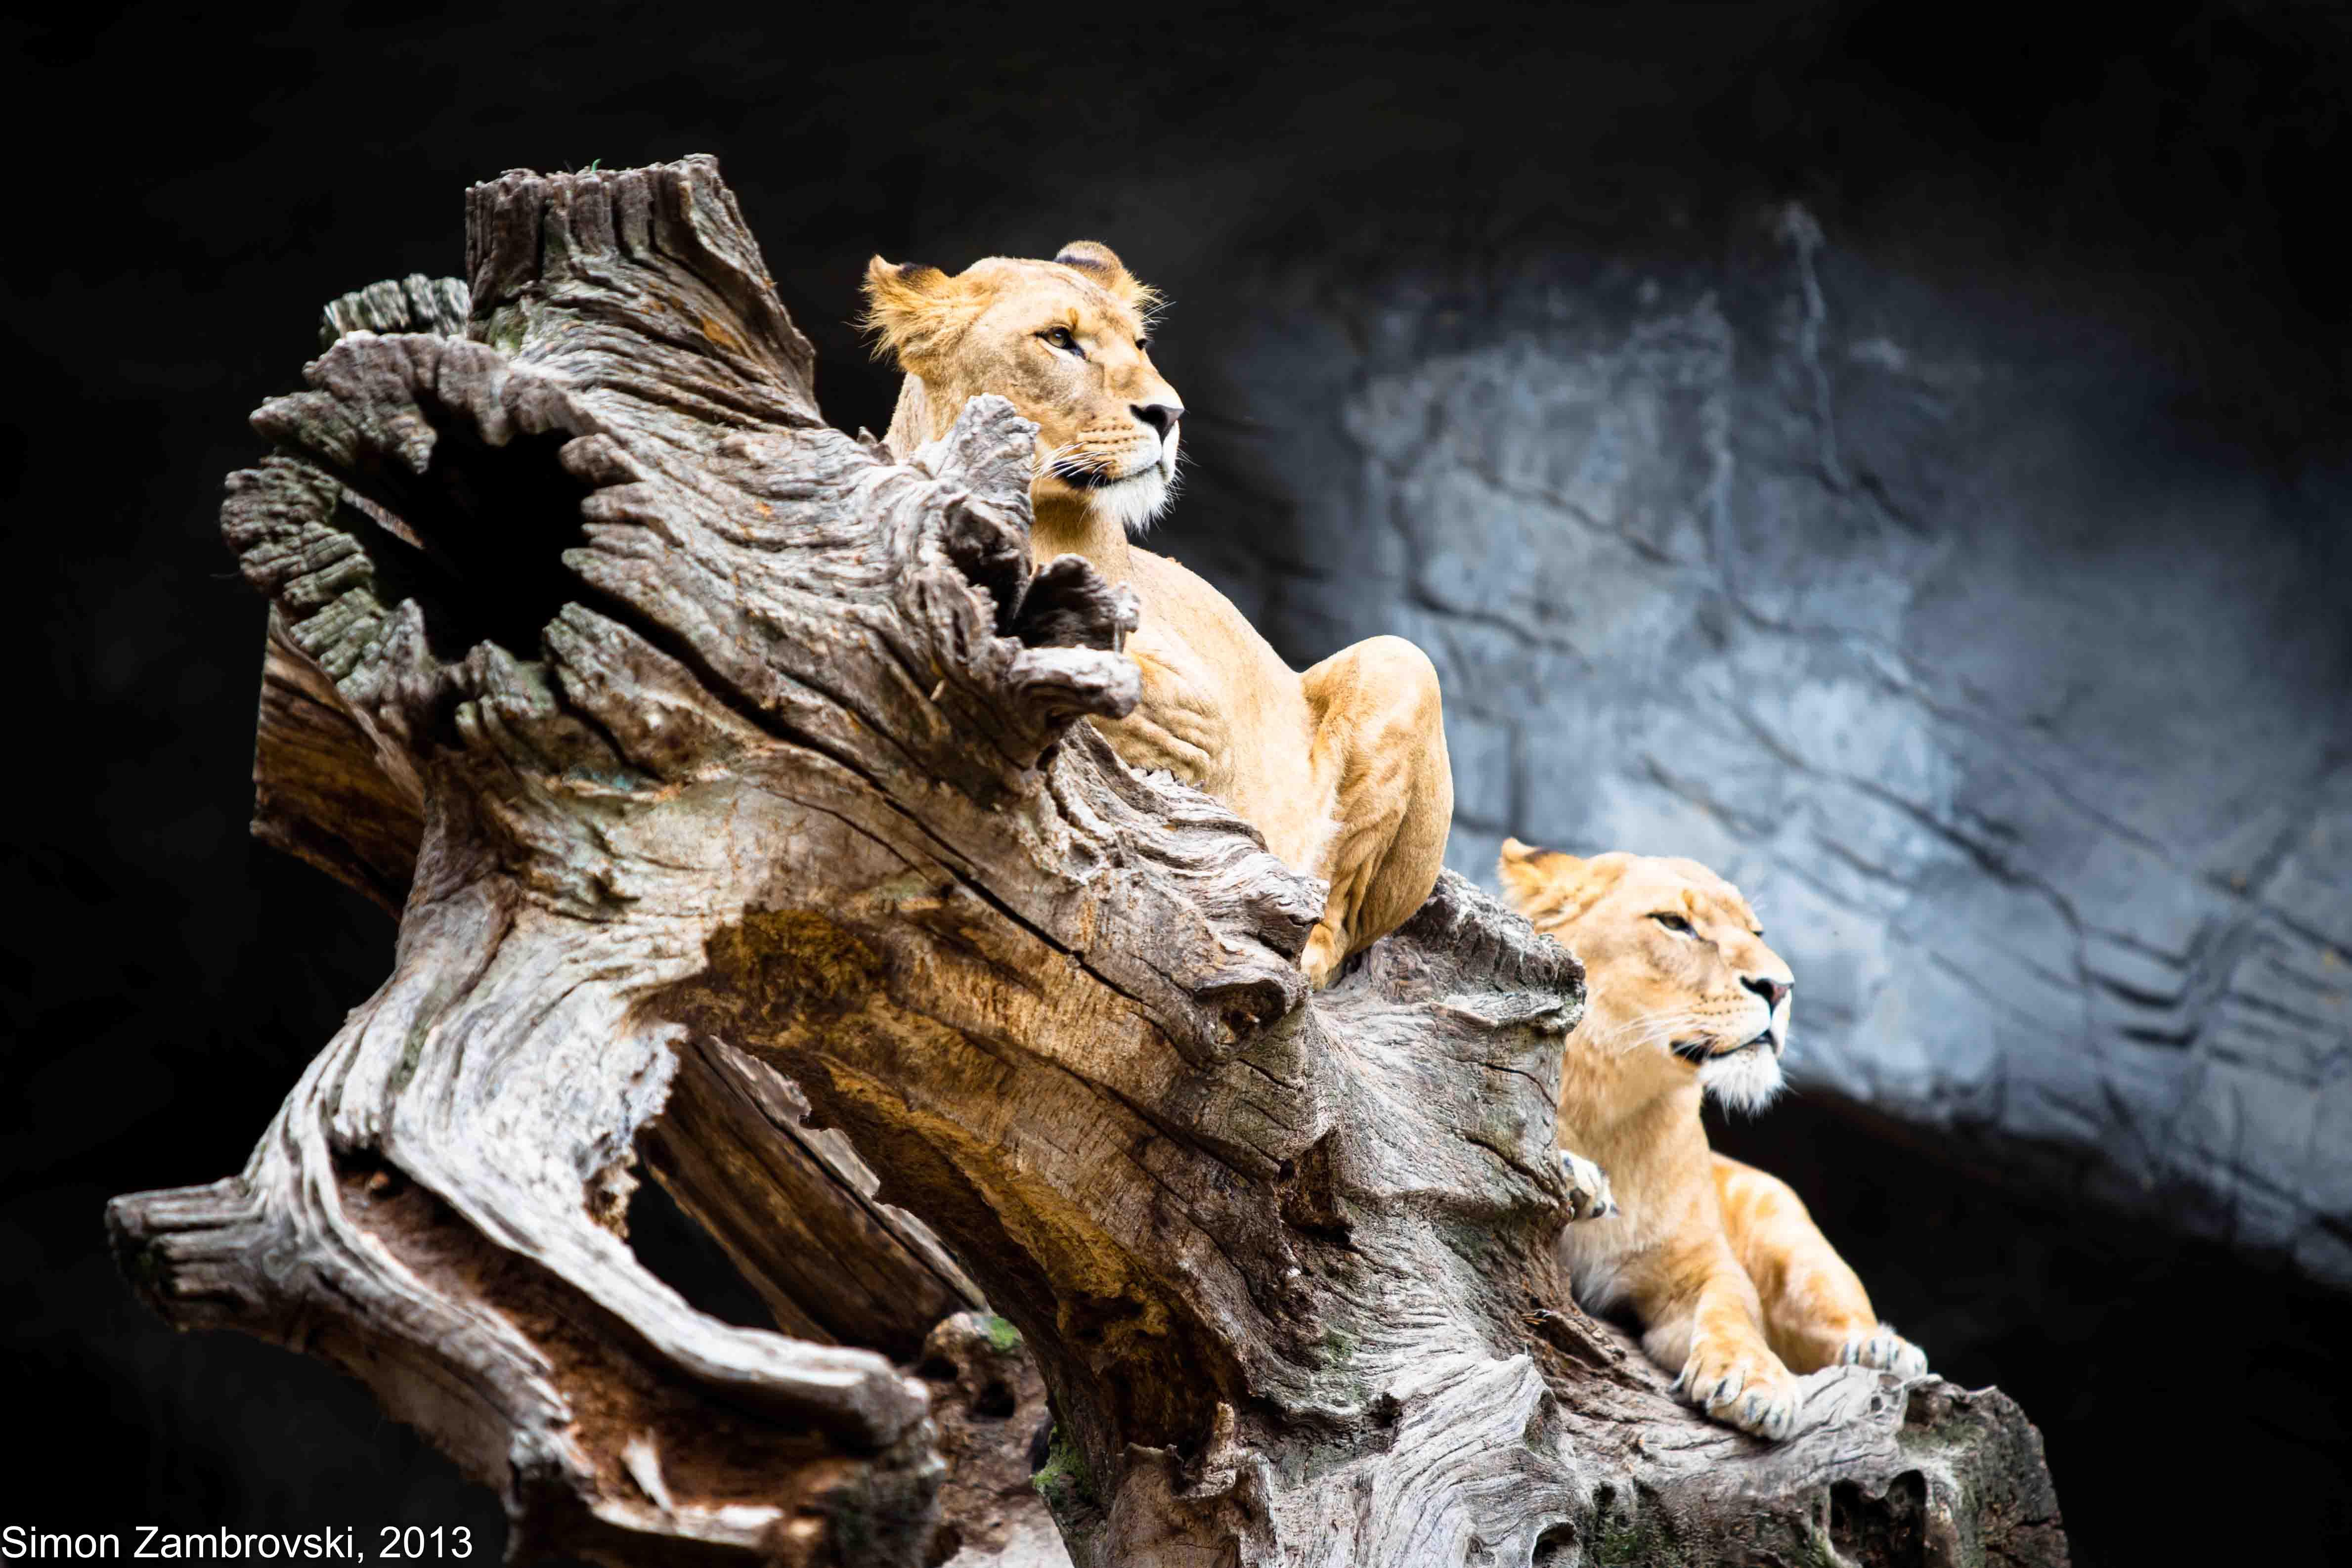 Hagenbeck, lion, Power, pride, Strong, Zoo, Увереность, Семён Замбровский